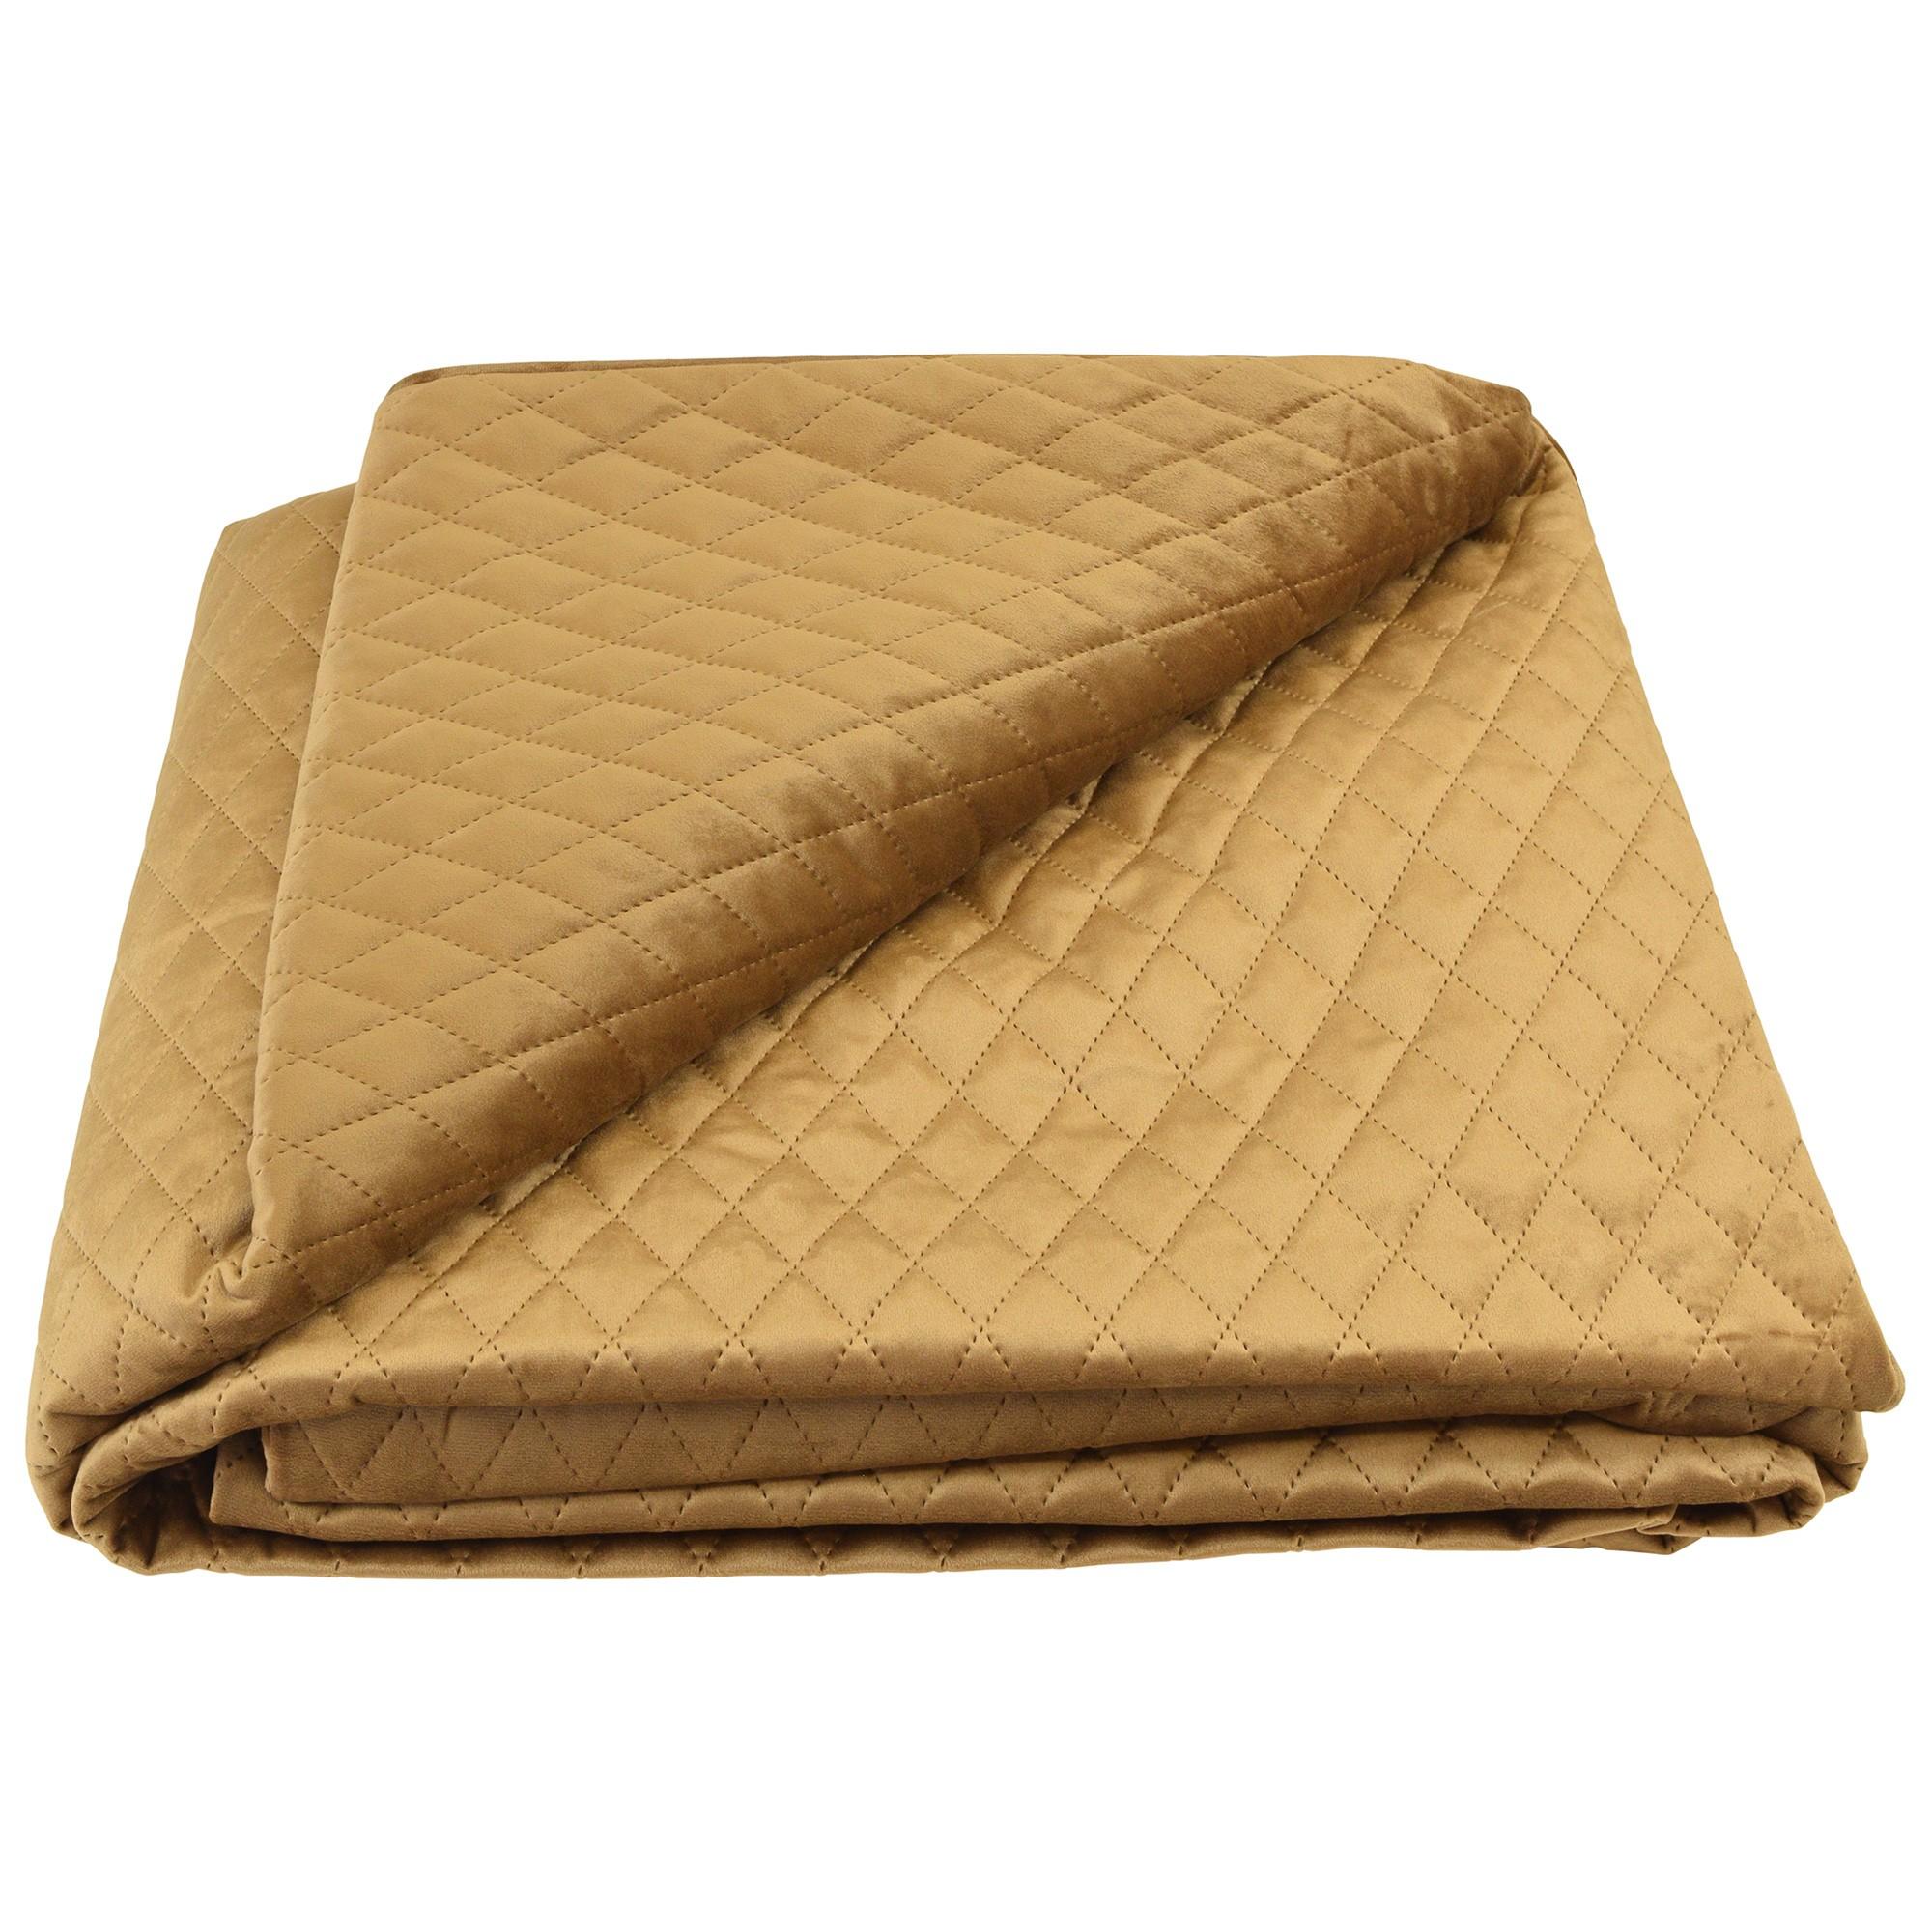 Bolero Velvet Quilted Bed Coverlet, 145x250cm, Caramel